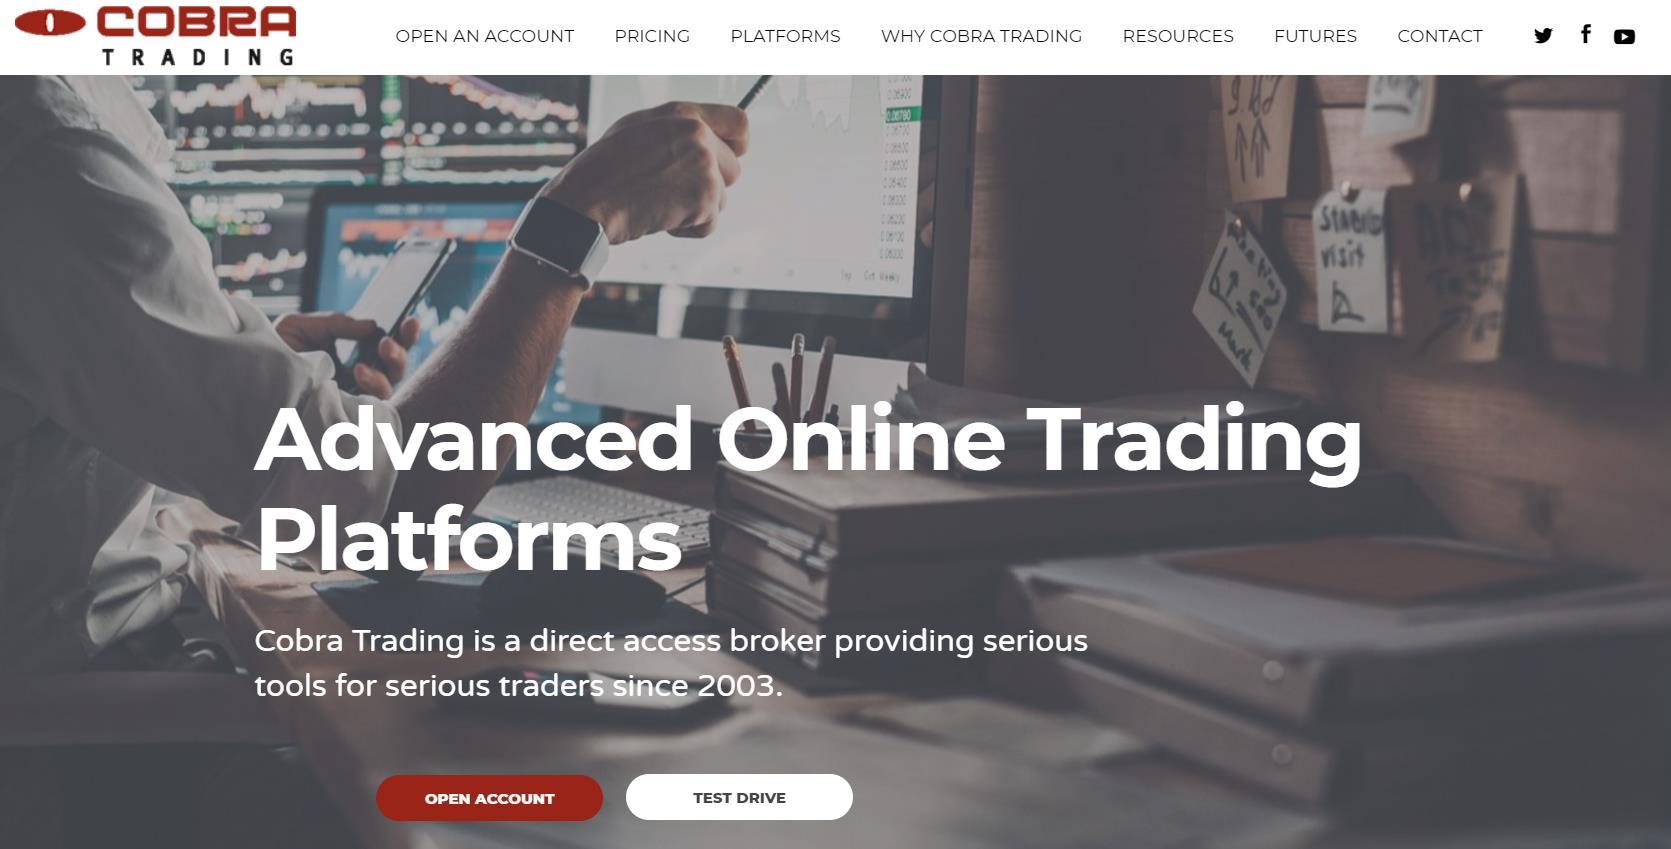 официальный сайт cobra trading